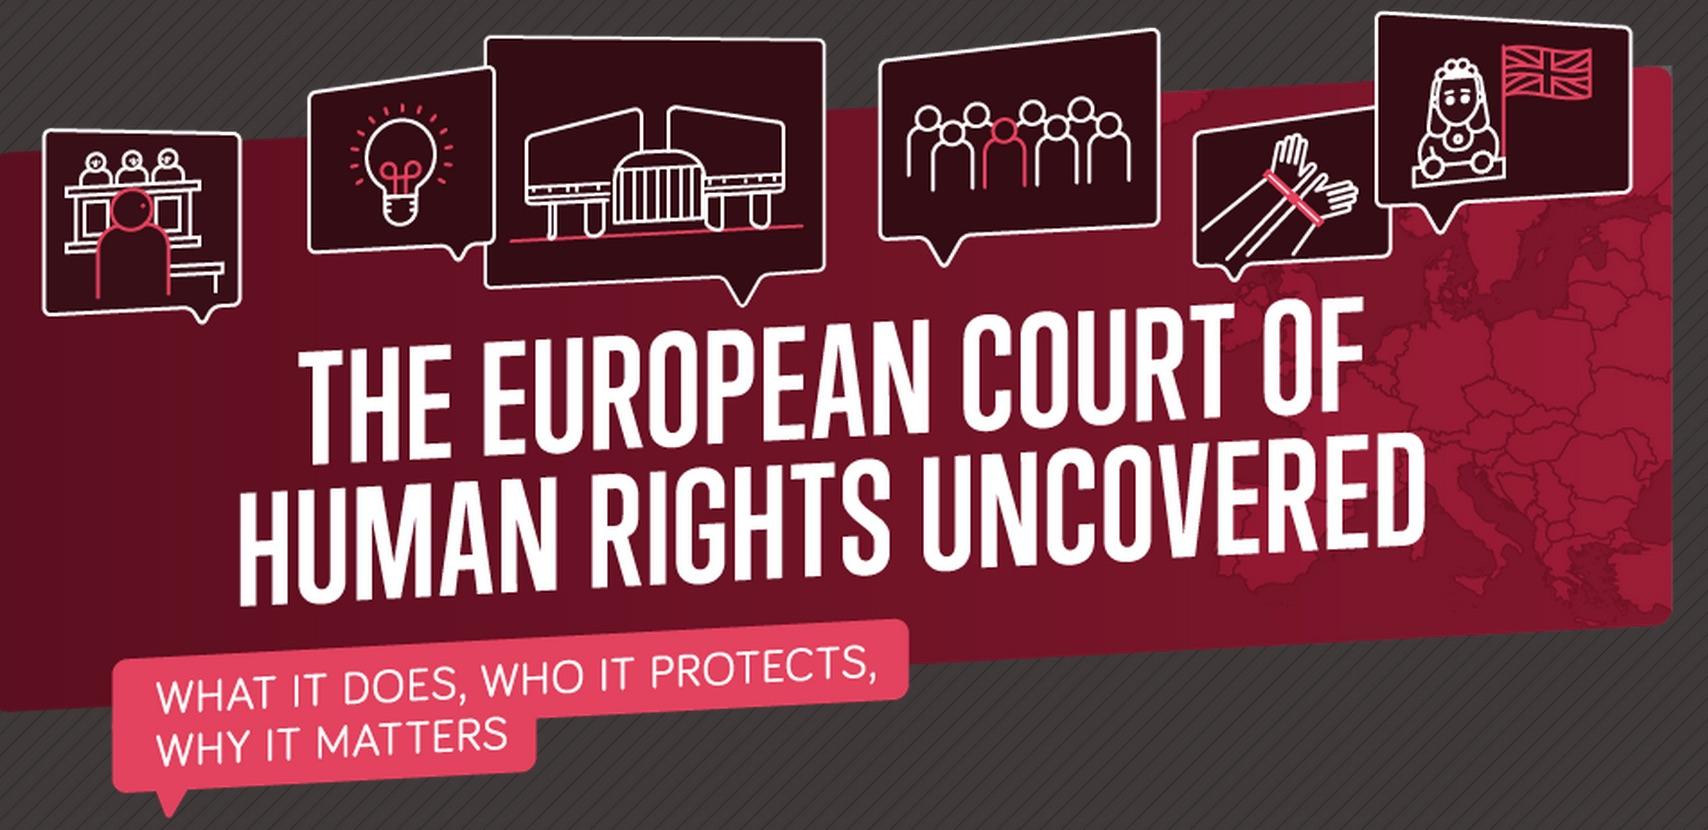 Nouvelle infographie sur la Cour européenne des droits de l'homme